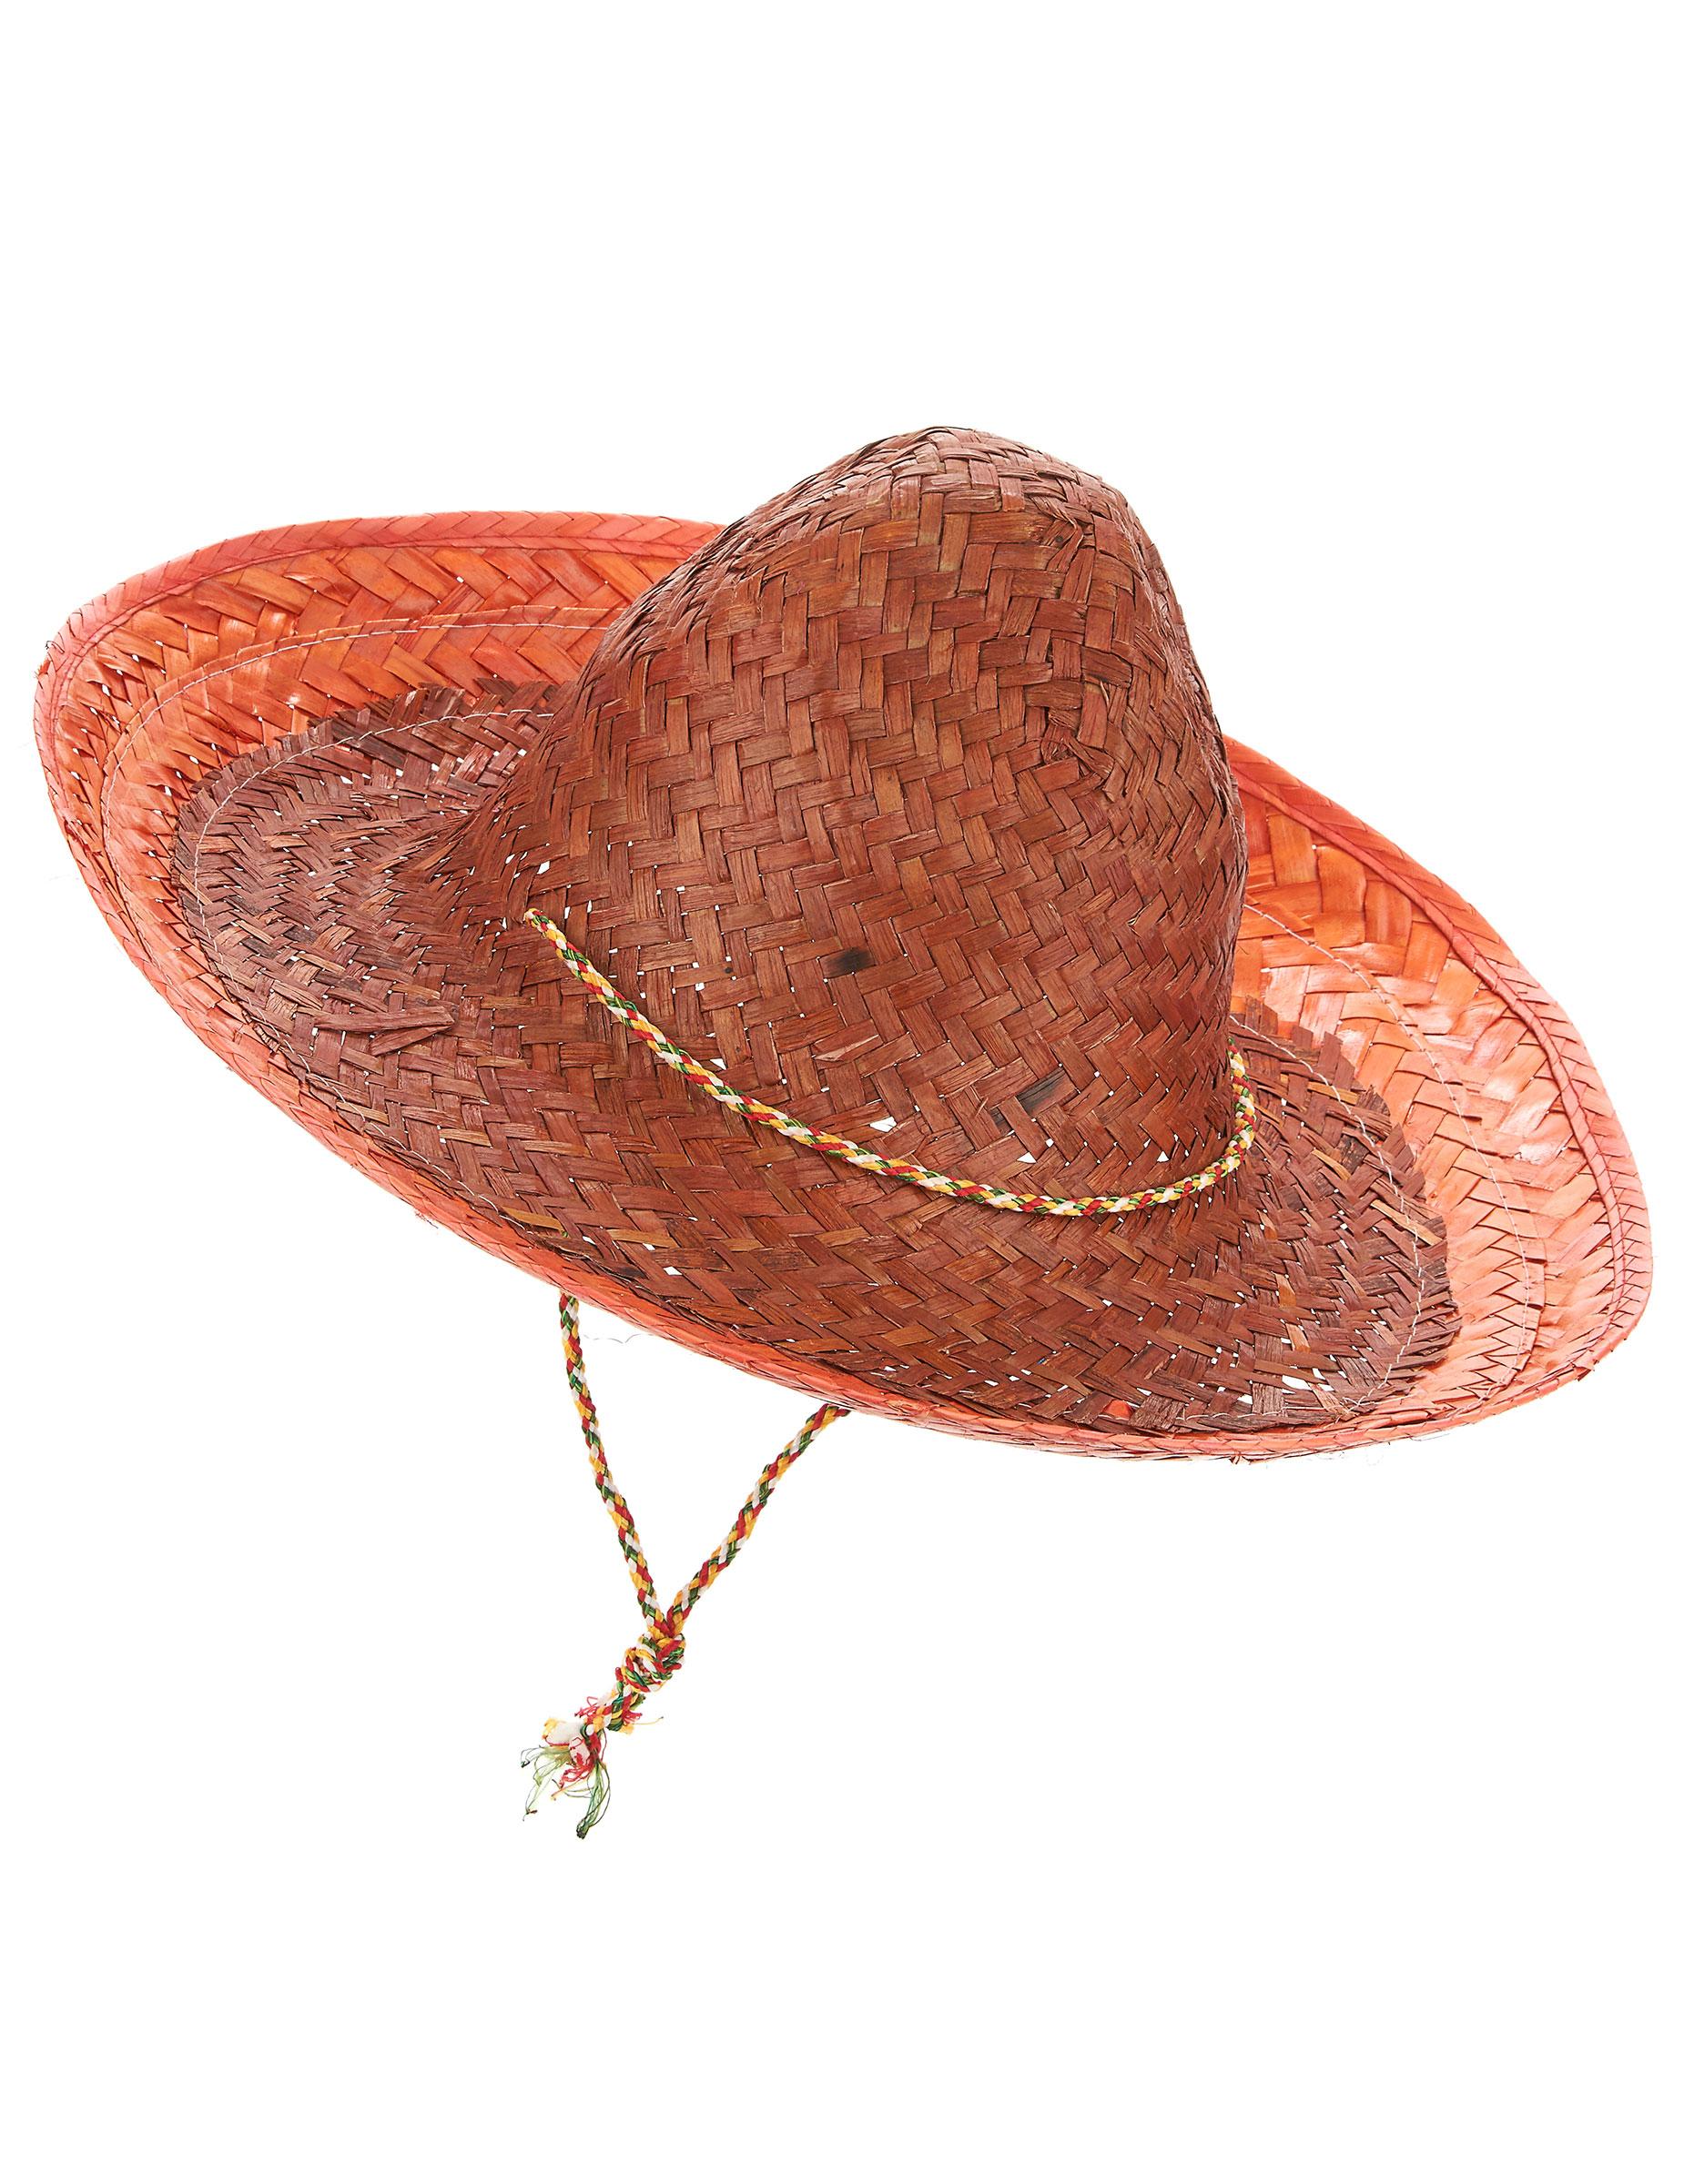 Chapeaux en paille et canotiers pous déguisements et fêtes d été ... 15492a21565